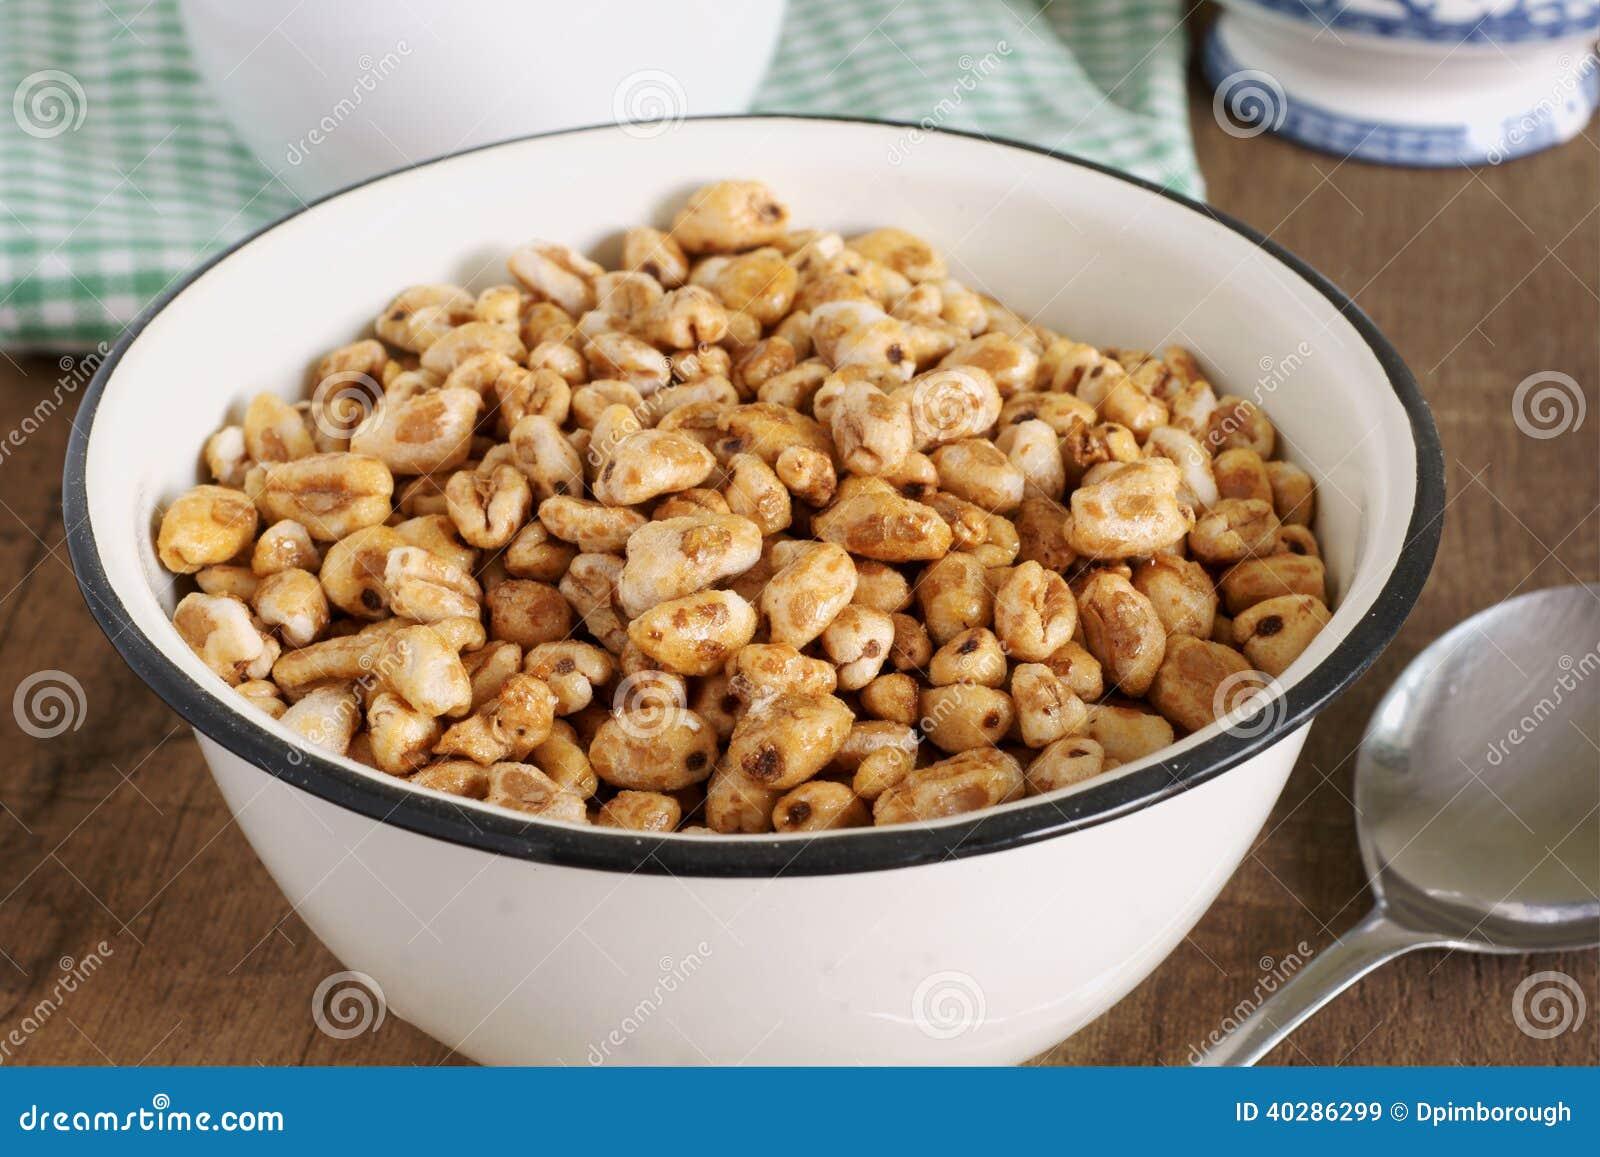 Сопенные хлопья пшеницы